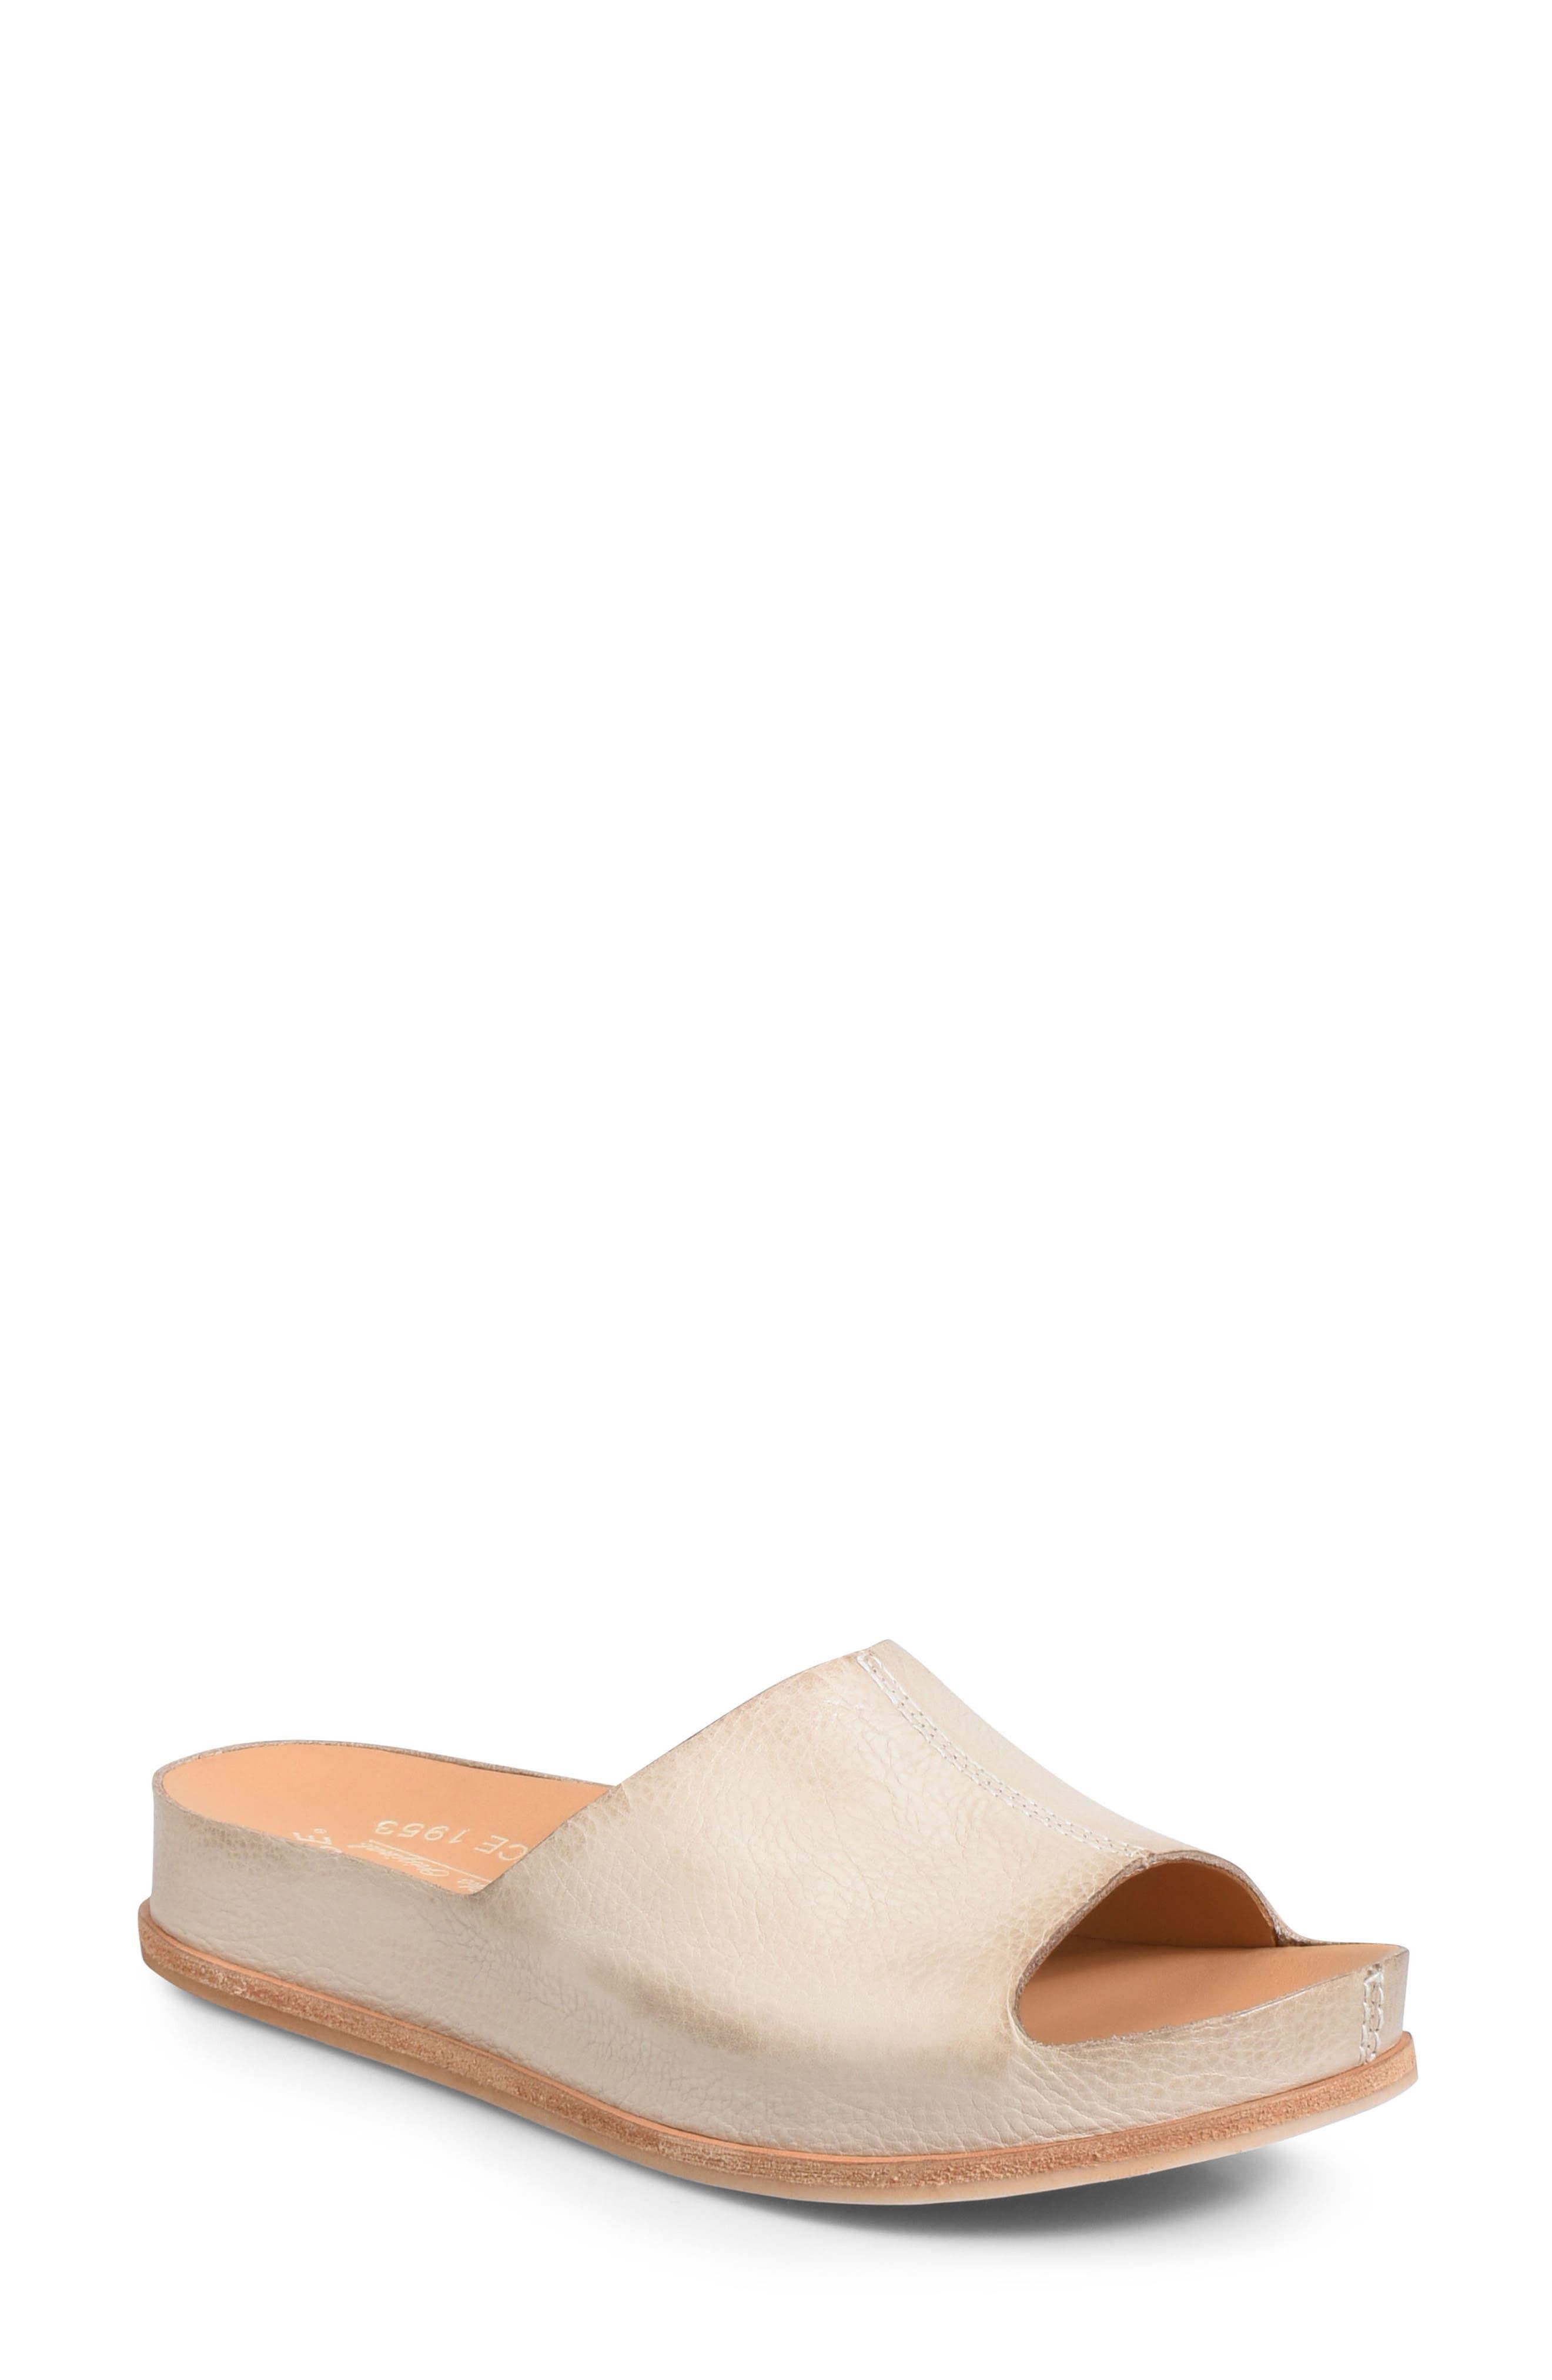 'Tutsi' Slide Sandal,                         Main,                         color, LIGHT GREY LEATHER